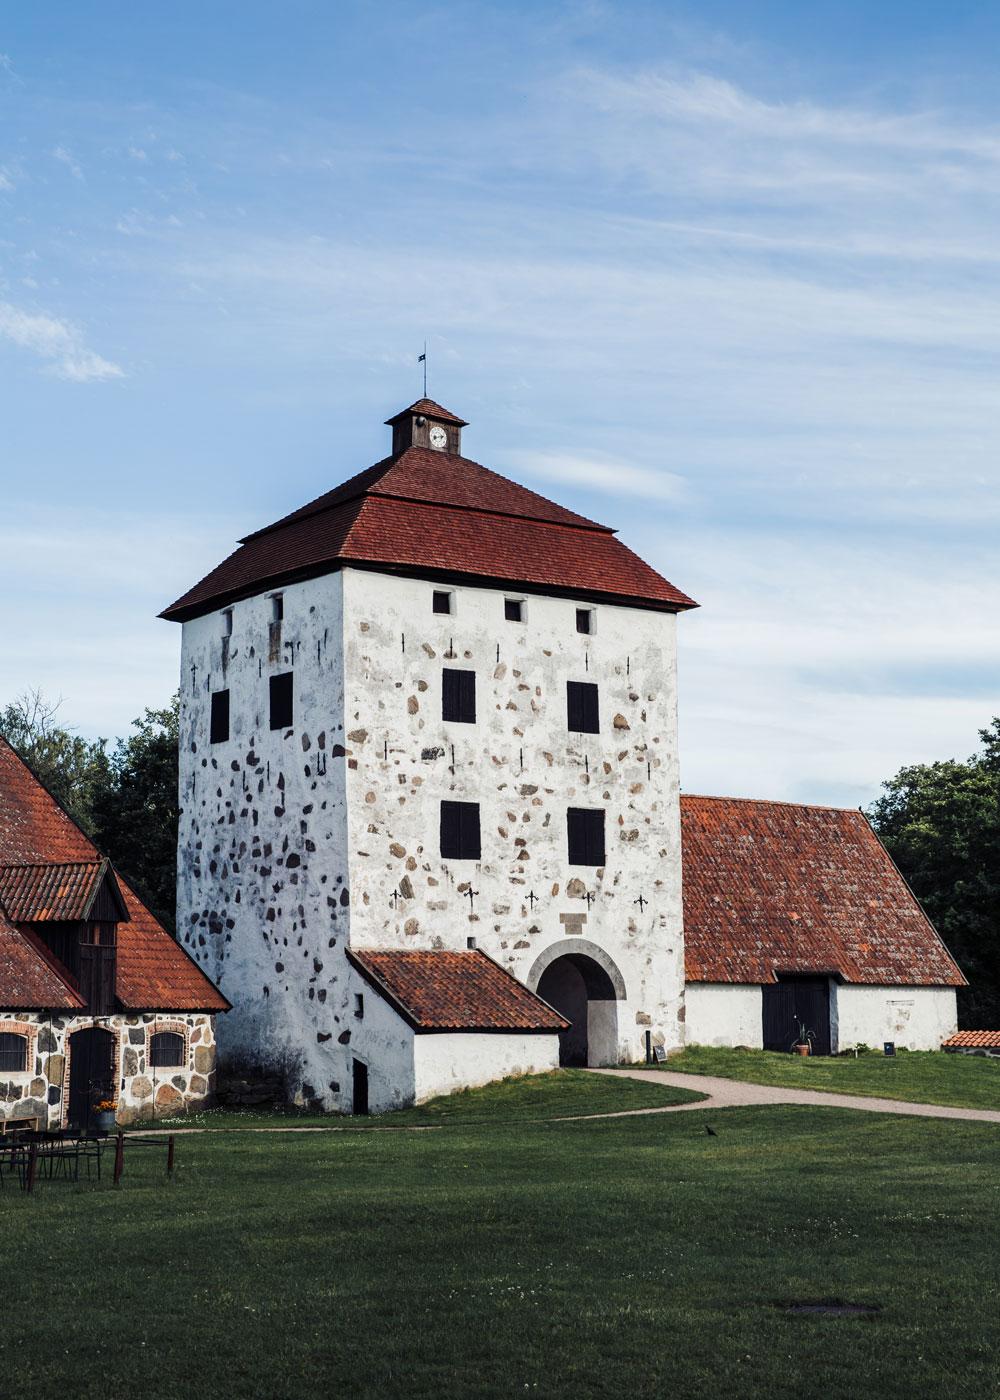 Hovdala Slot